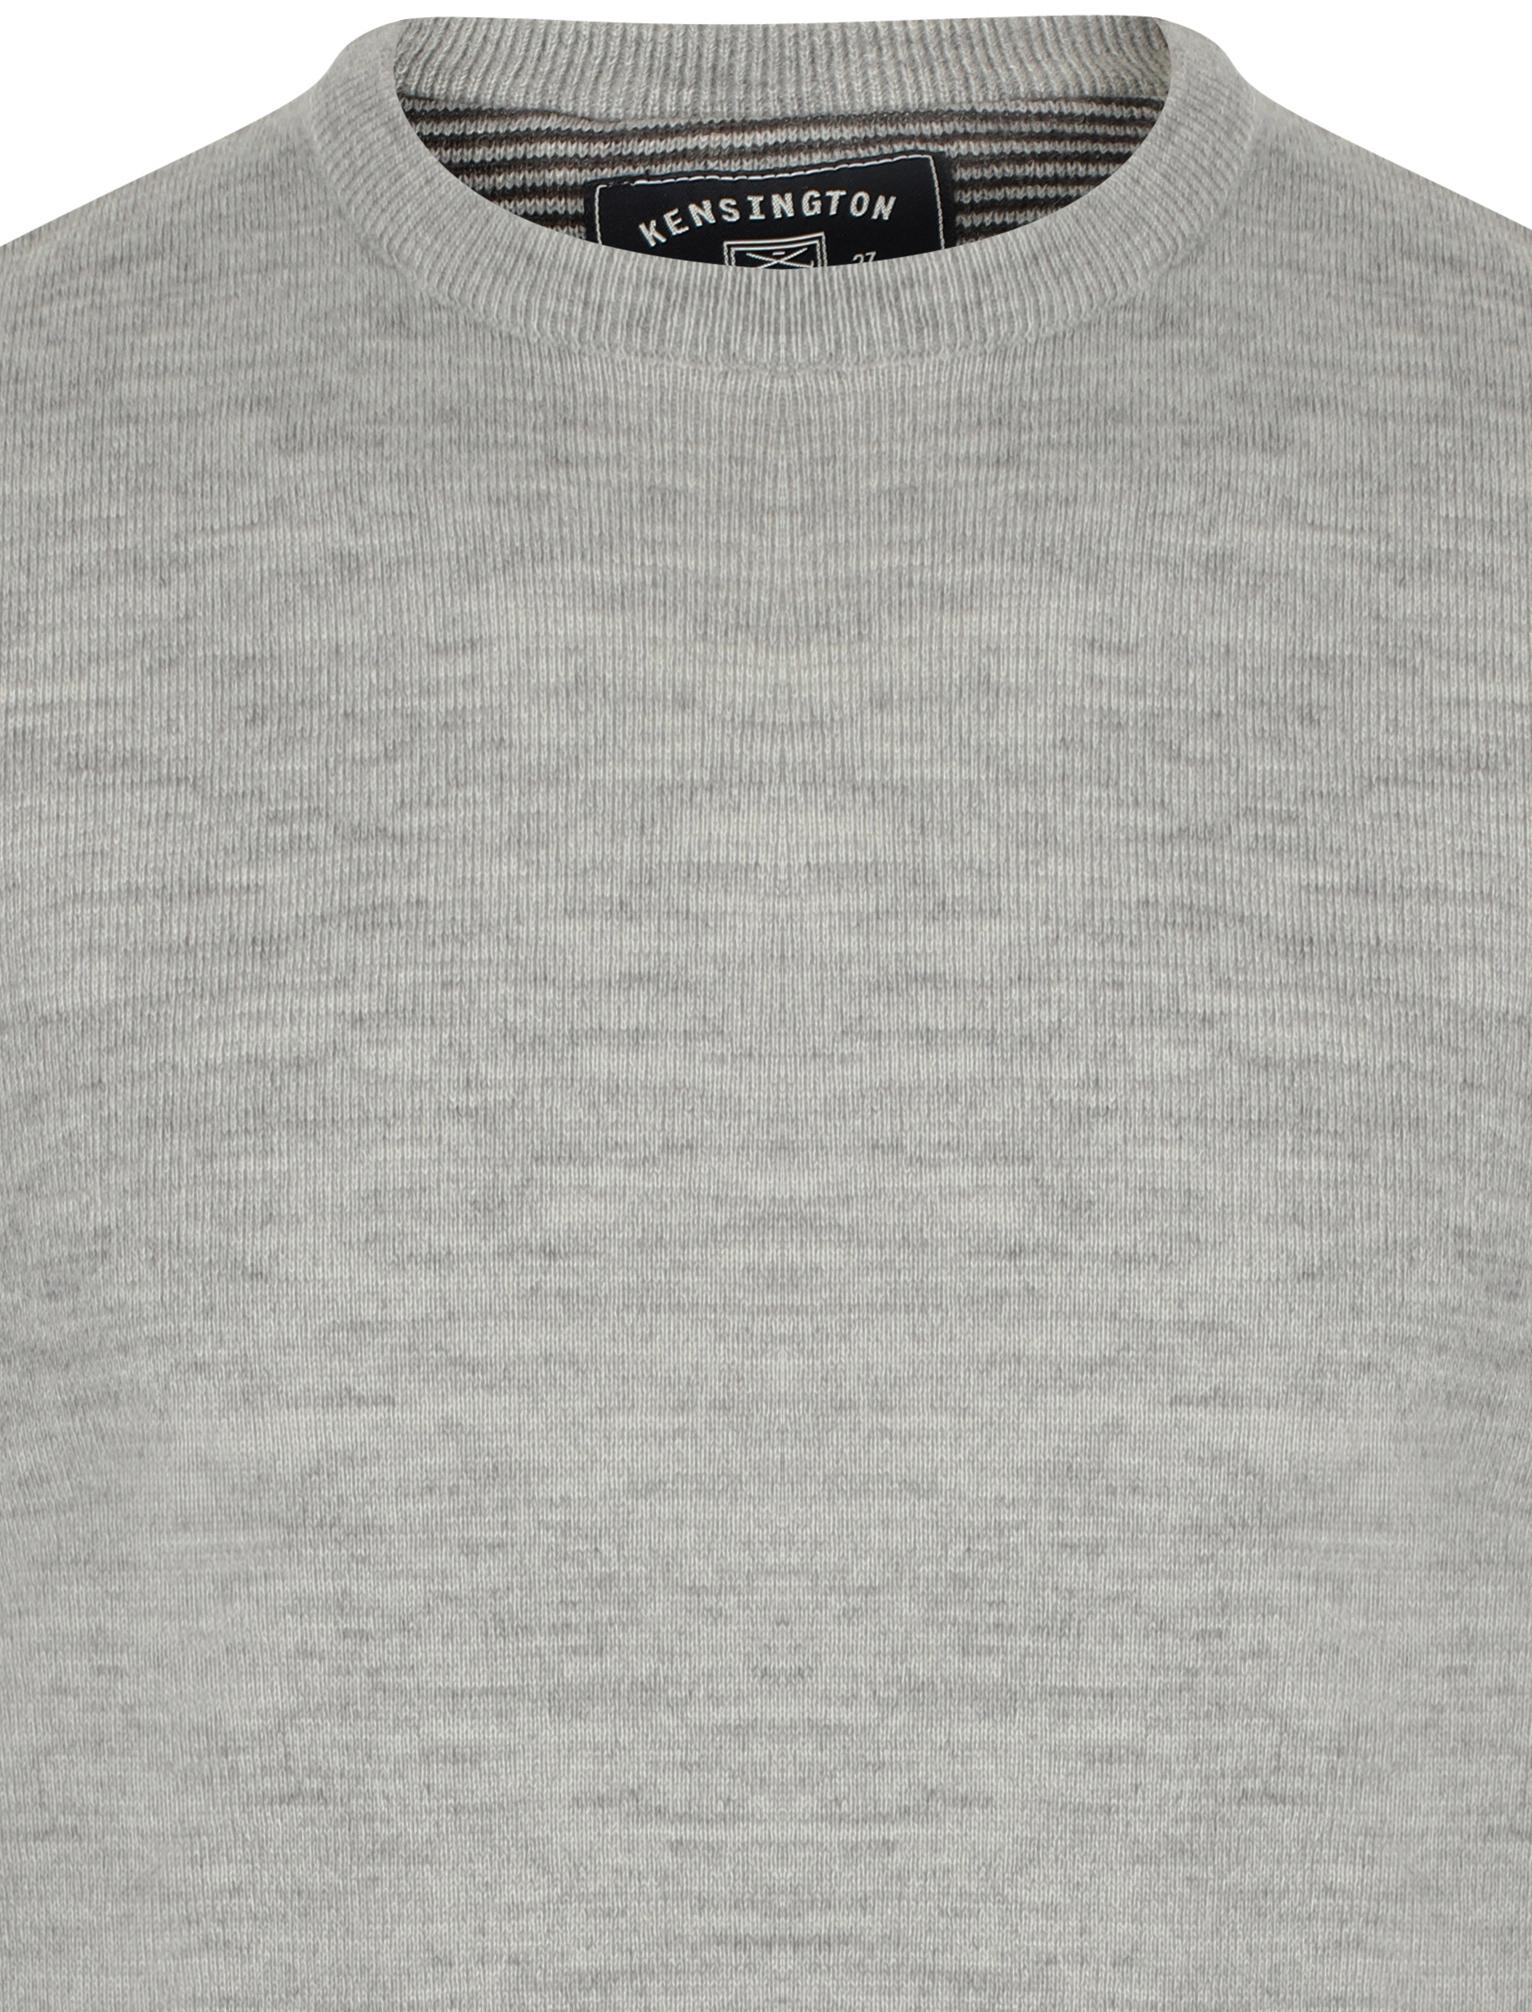 Kensington-Eastside-Men-039-s-Knitted-Crew-or-V-Neck-Jumper-Sweater-Top-Pullover thumbnail 12